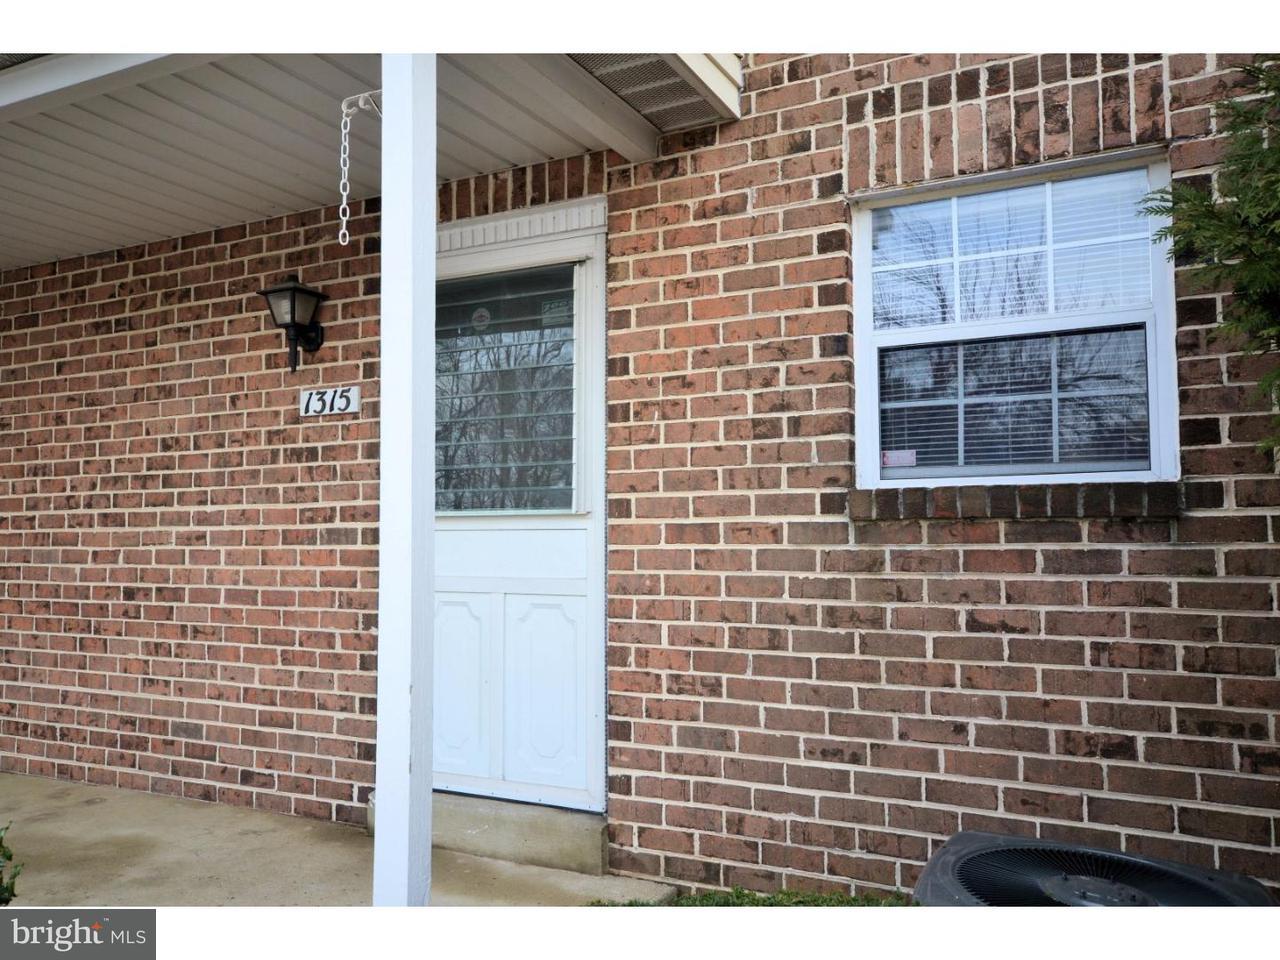 共管式独立产权公寓 为 出租 在 1315 VALLEY GLEN Road 埃尔金斯帕克, 宾夕法尼亚州 19027 美国